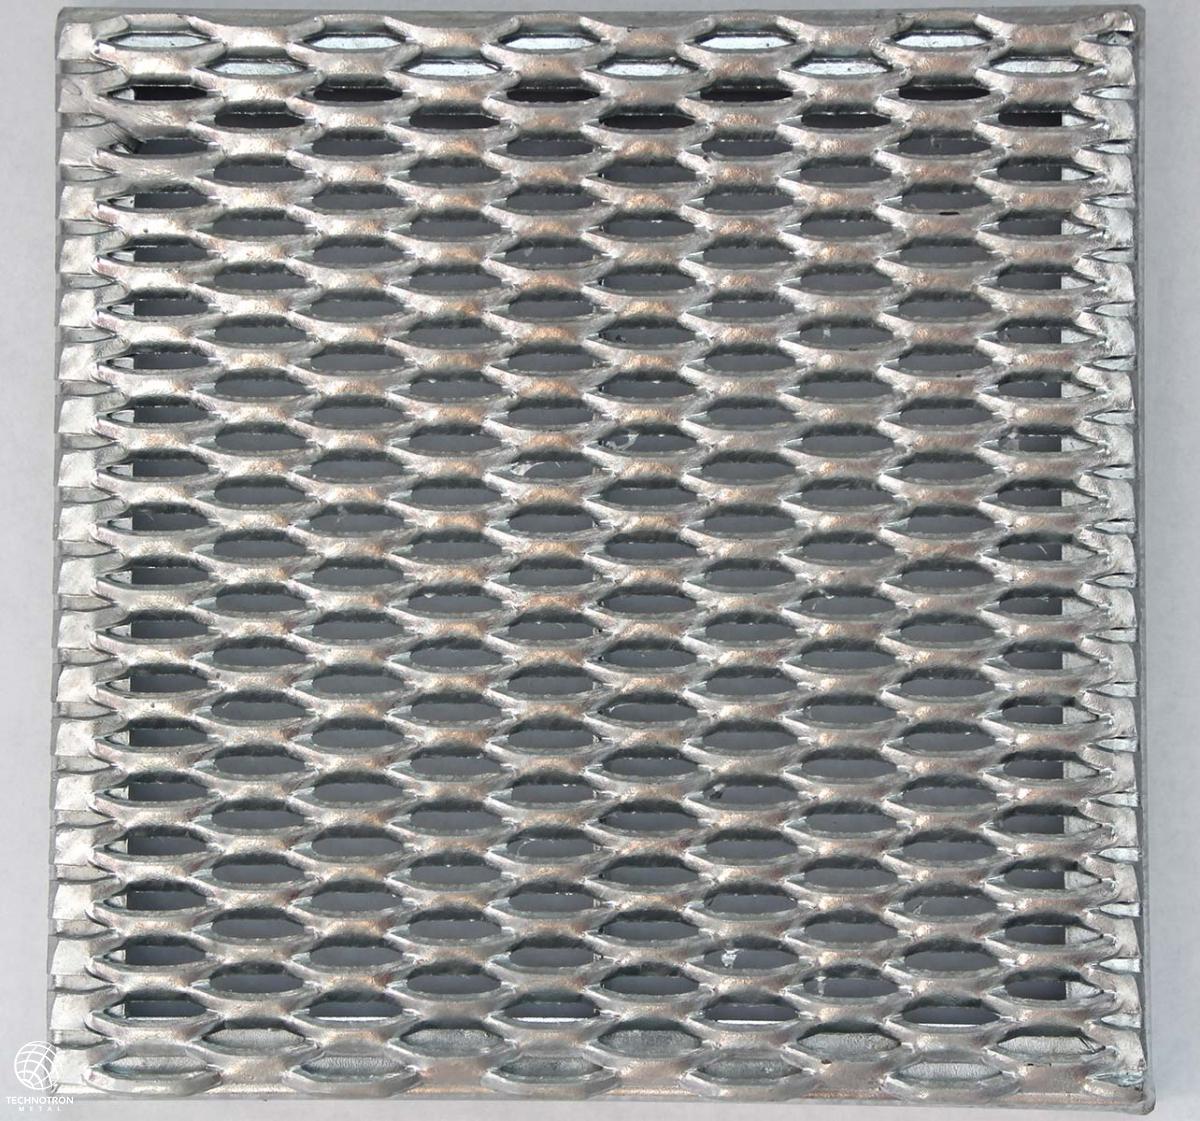 Rošt - tahokovový - ocel, žárový zinek / 47x13x5x3 mm / 1000 x 1000x40  mm